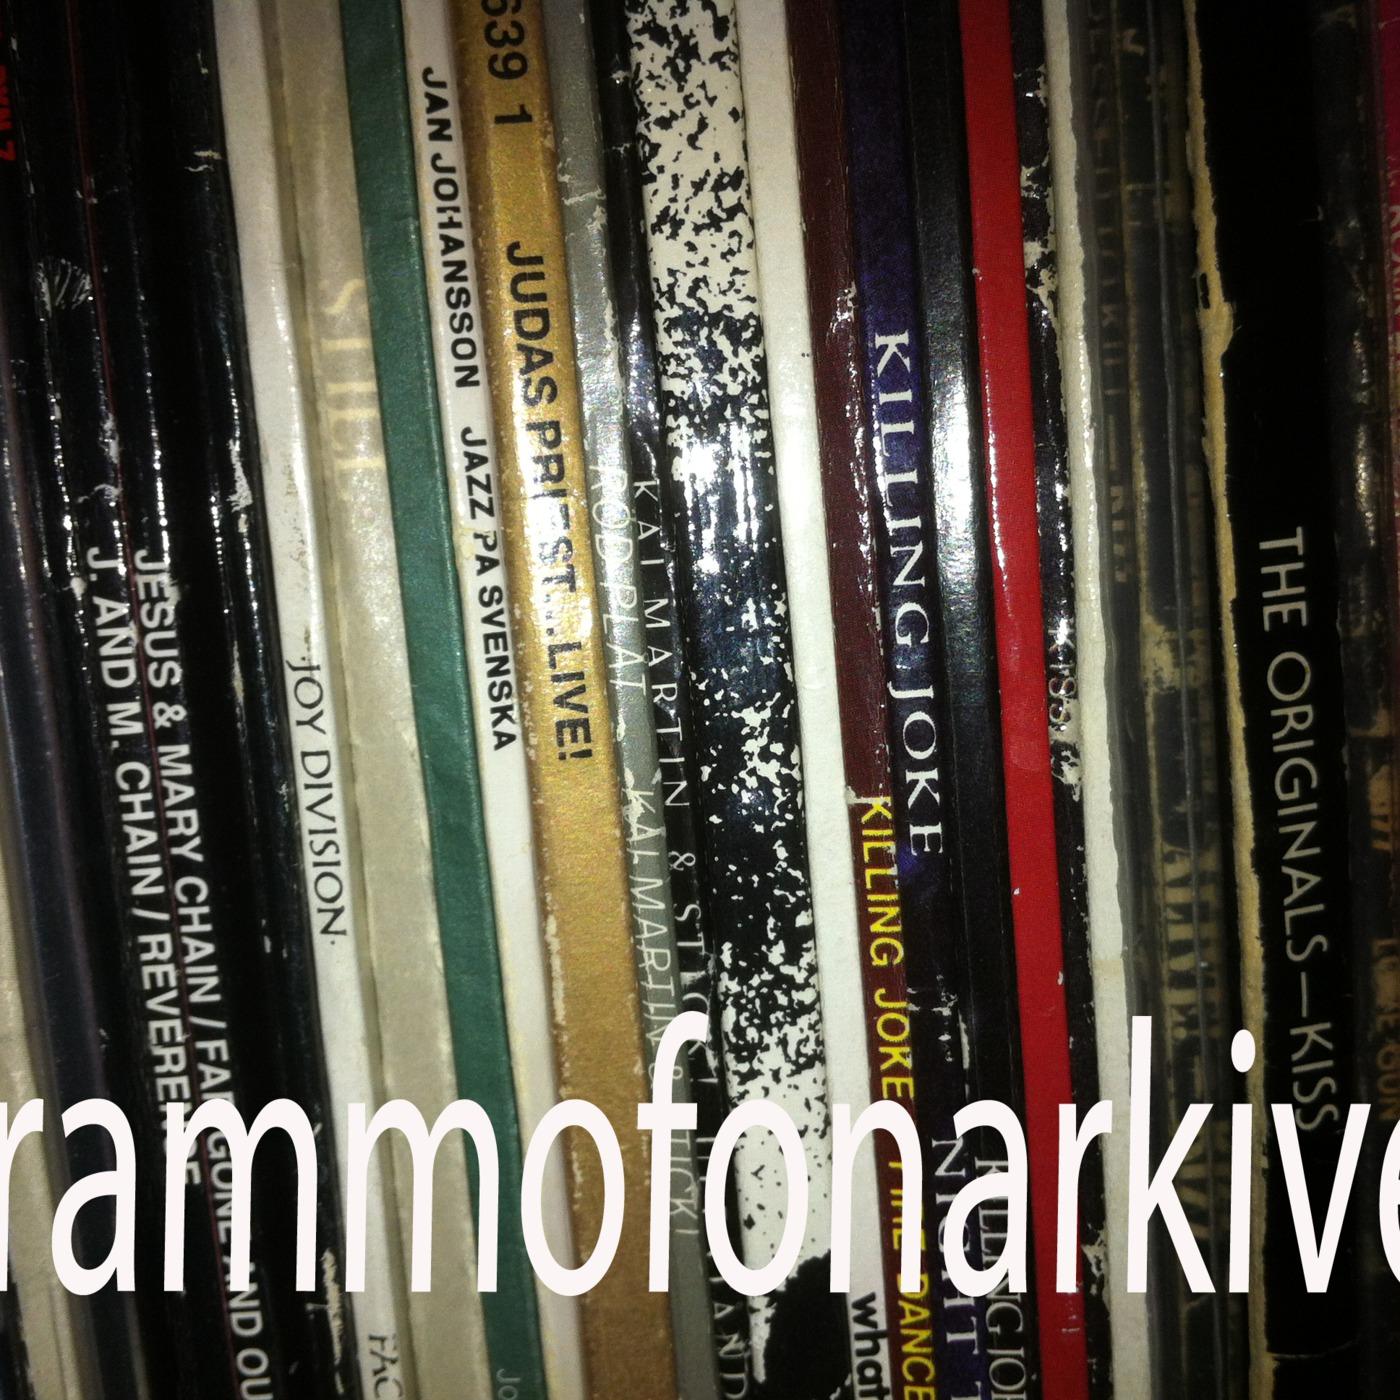 Grammofonarkivet